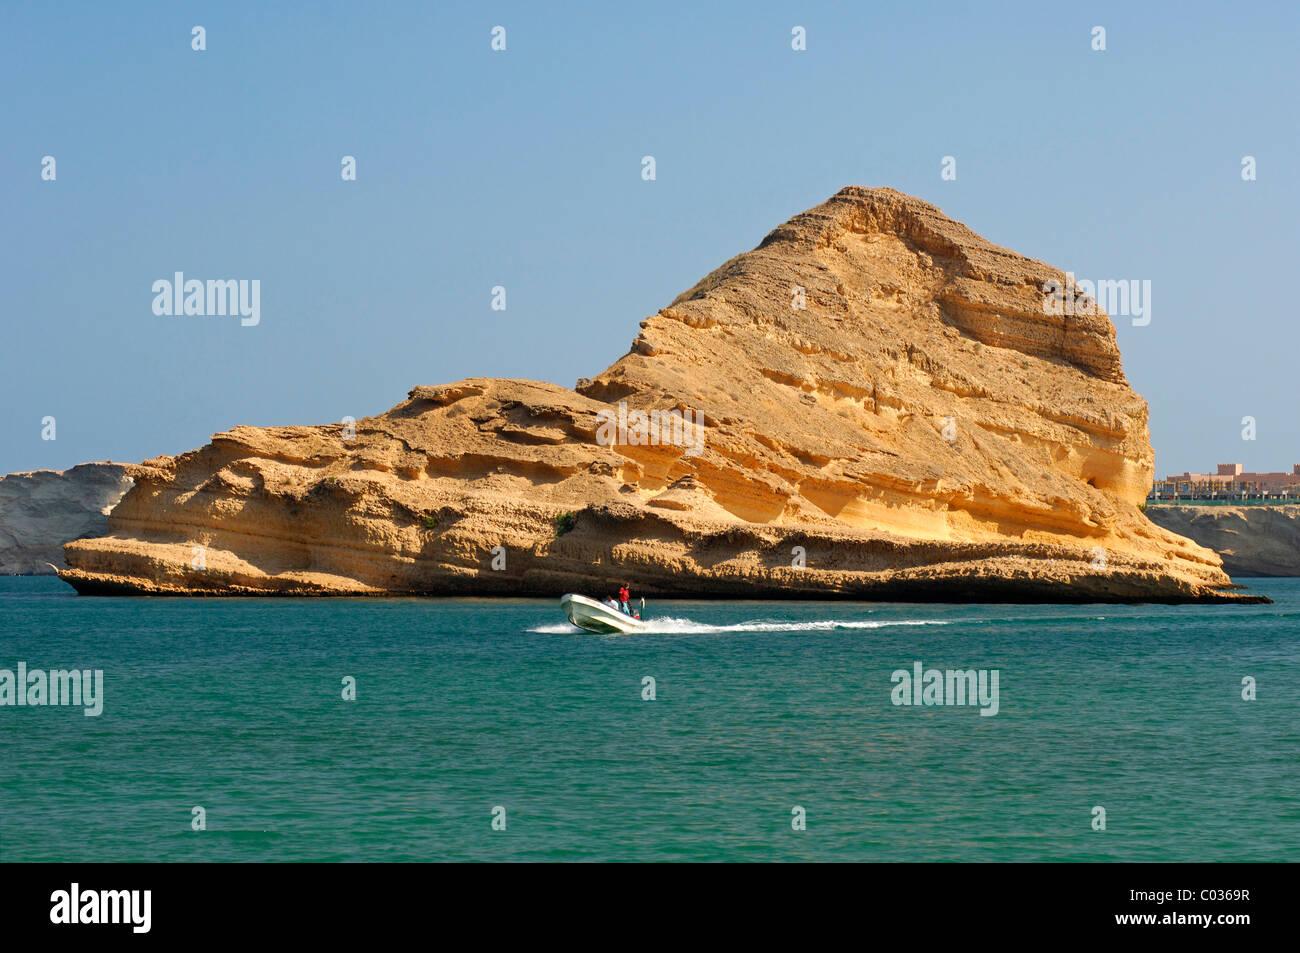 Gita in barca nel pittoresco Barr Al Jissah bay, Golfo di Oman vicino a Muscat, nel Sultanato di Oman, Medio Oriente Immagini Stock